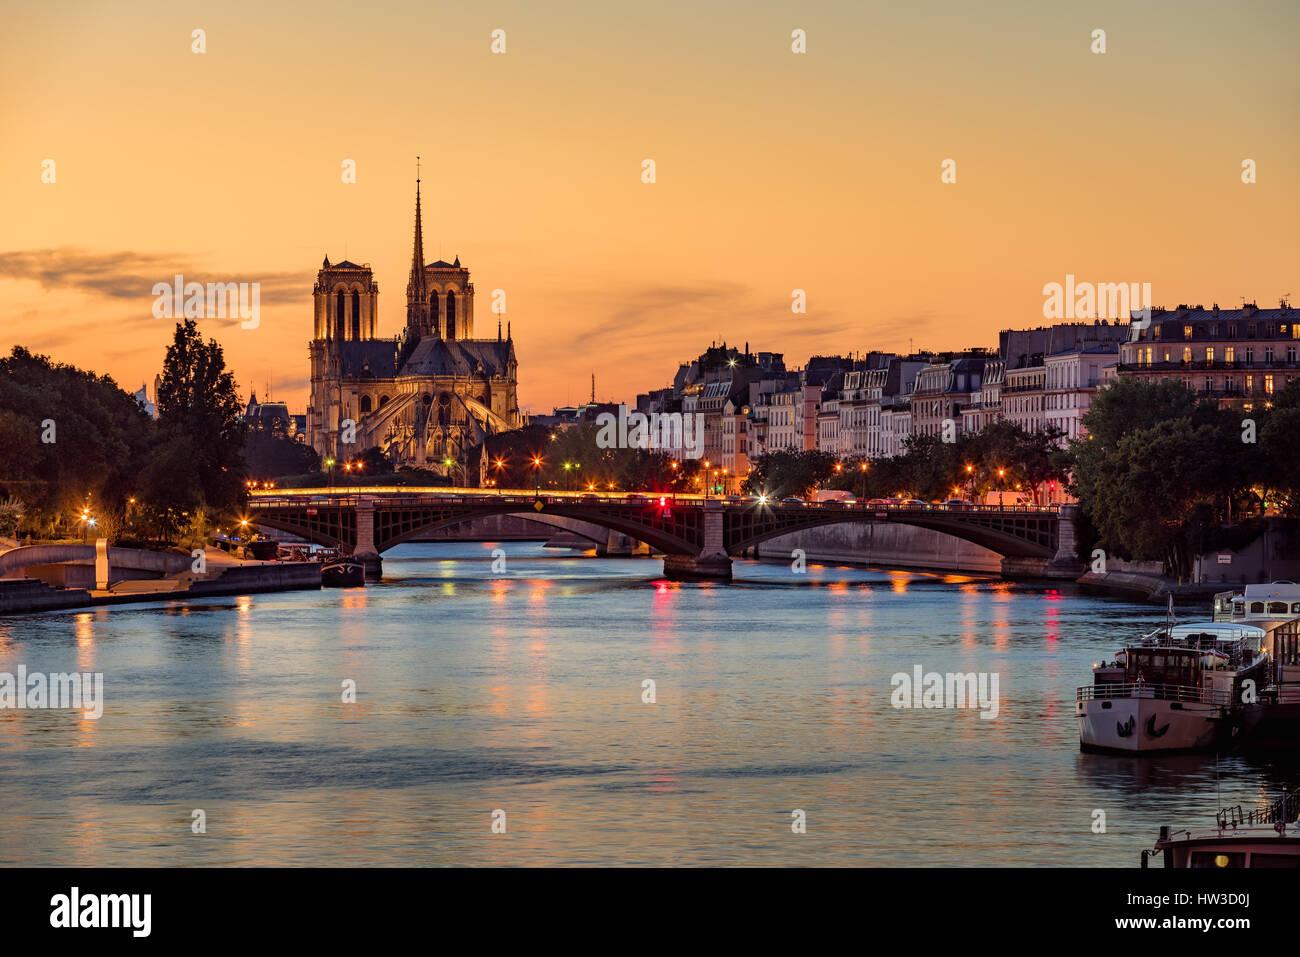 La Cathédrale Notre Dame de Paris, l'Ile Saint Louis et la Seine au coucher du soleil. Soirée d'été Photo Stock